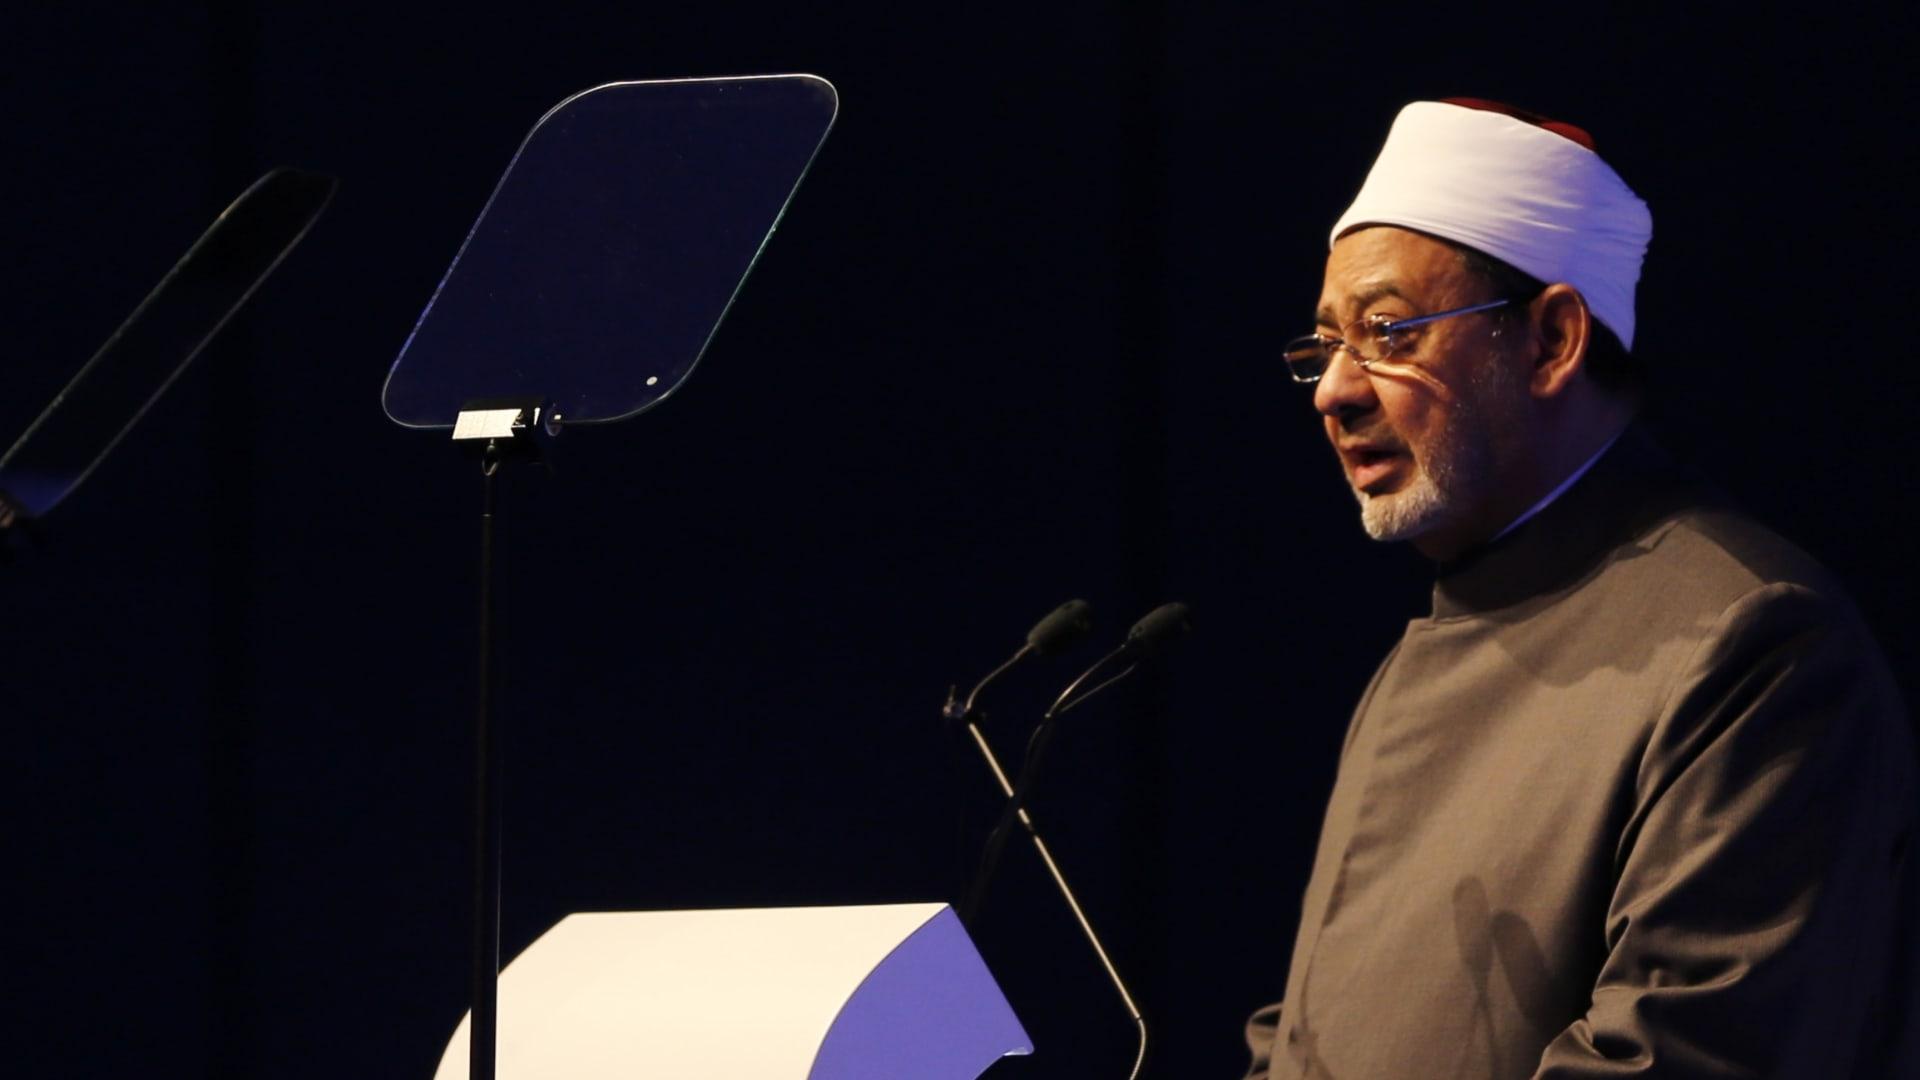 """شيخ الأزهر يتحدث عن إخفاق تيار """"الانغلاق"""" في تجديد الدين ويحدد المسؤول عن المهمة"""